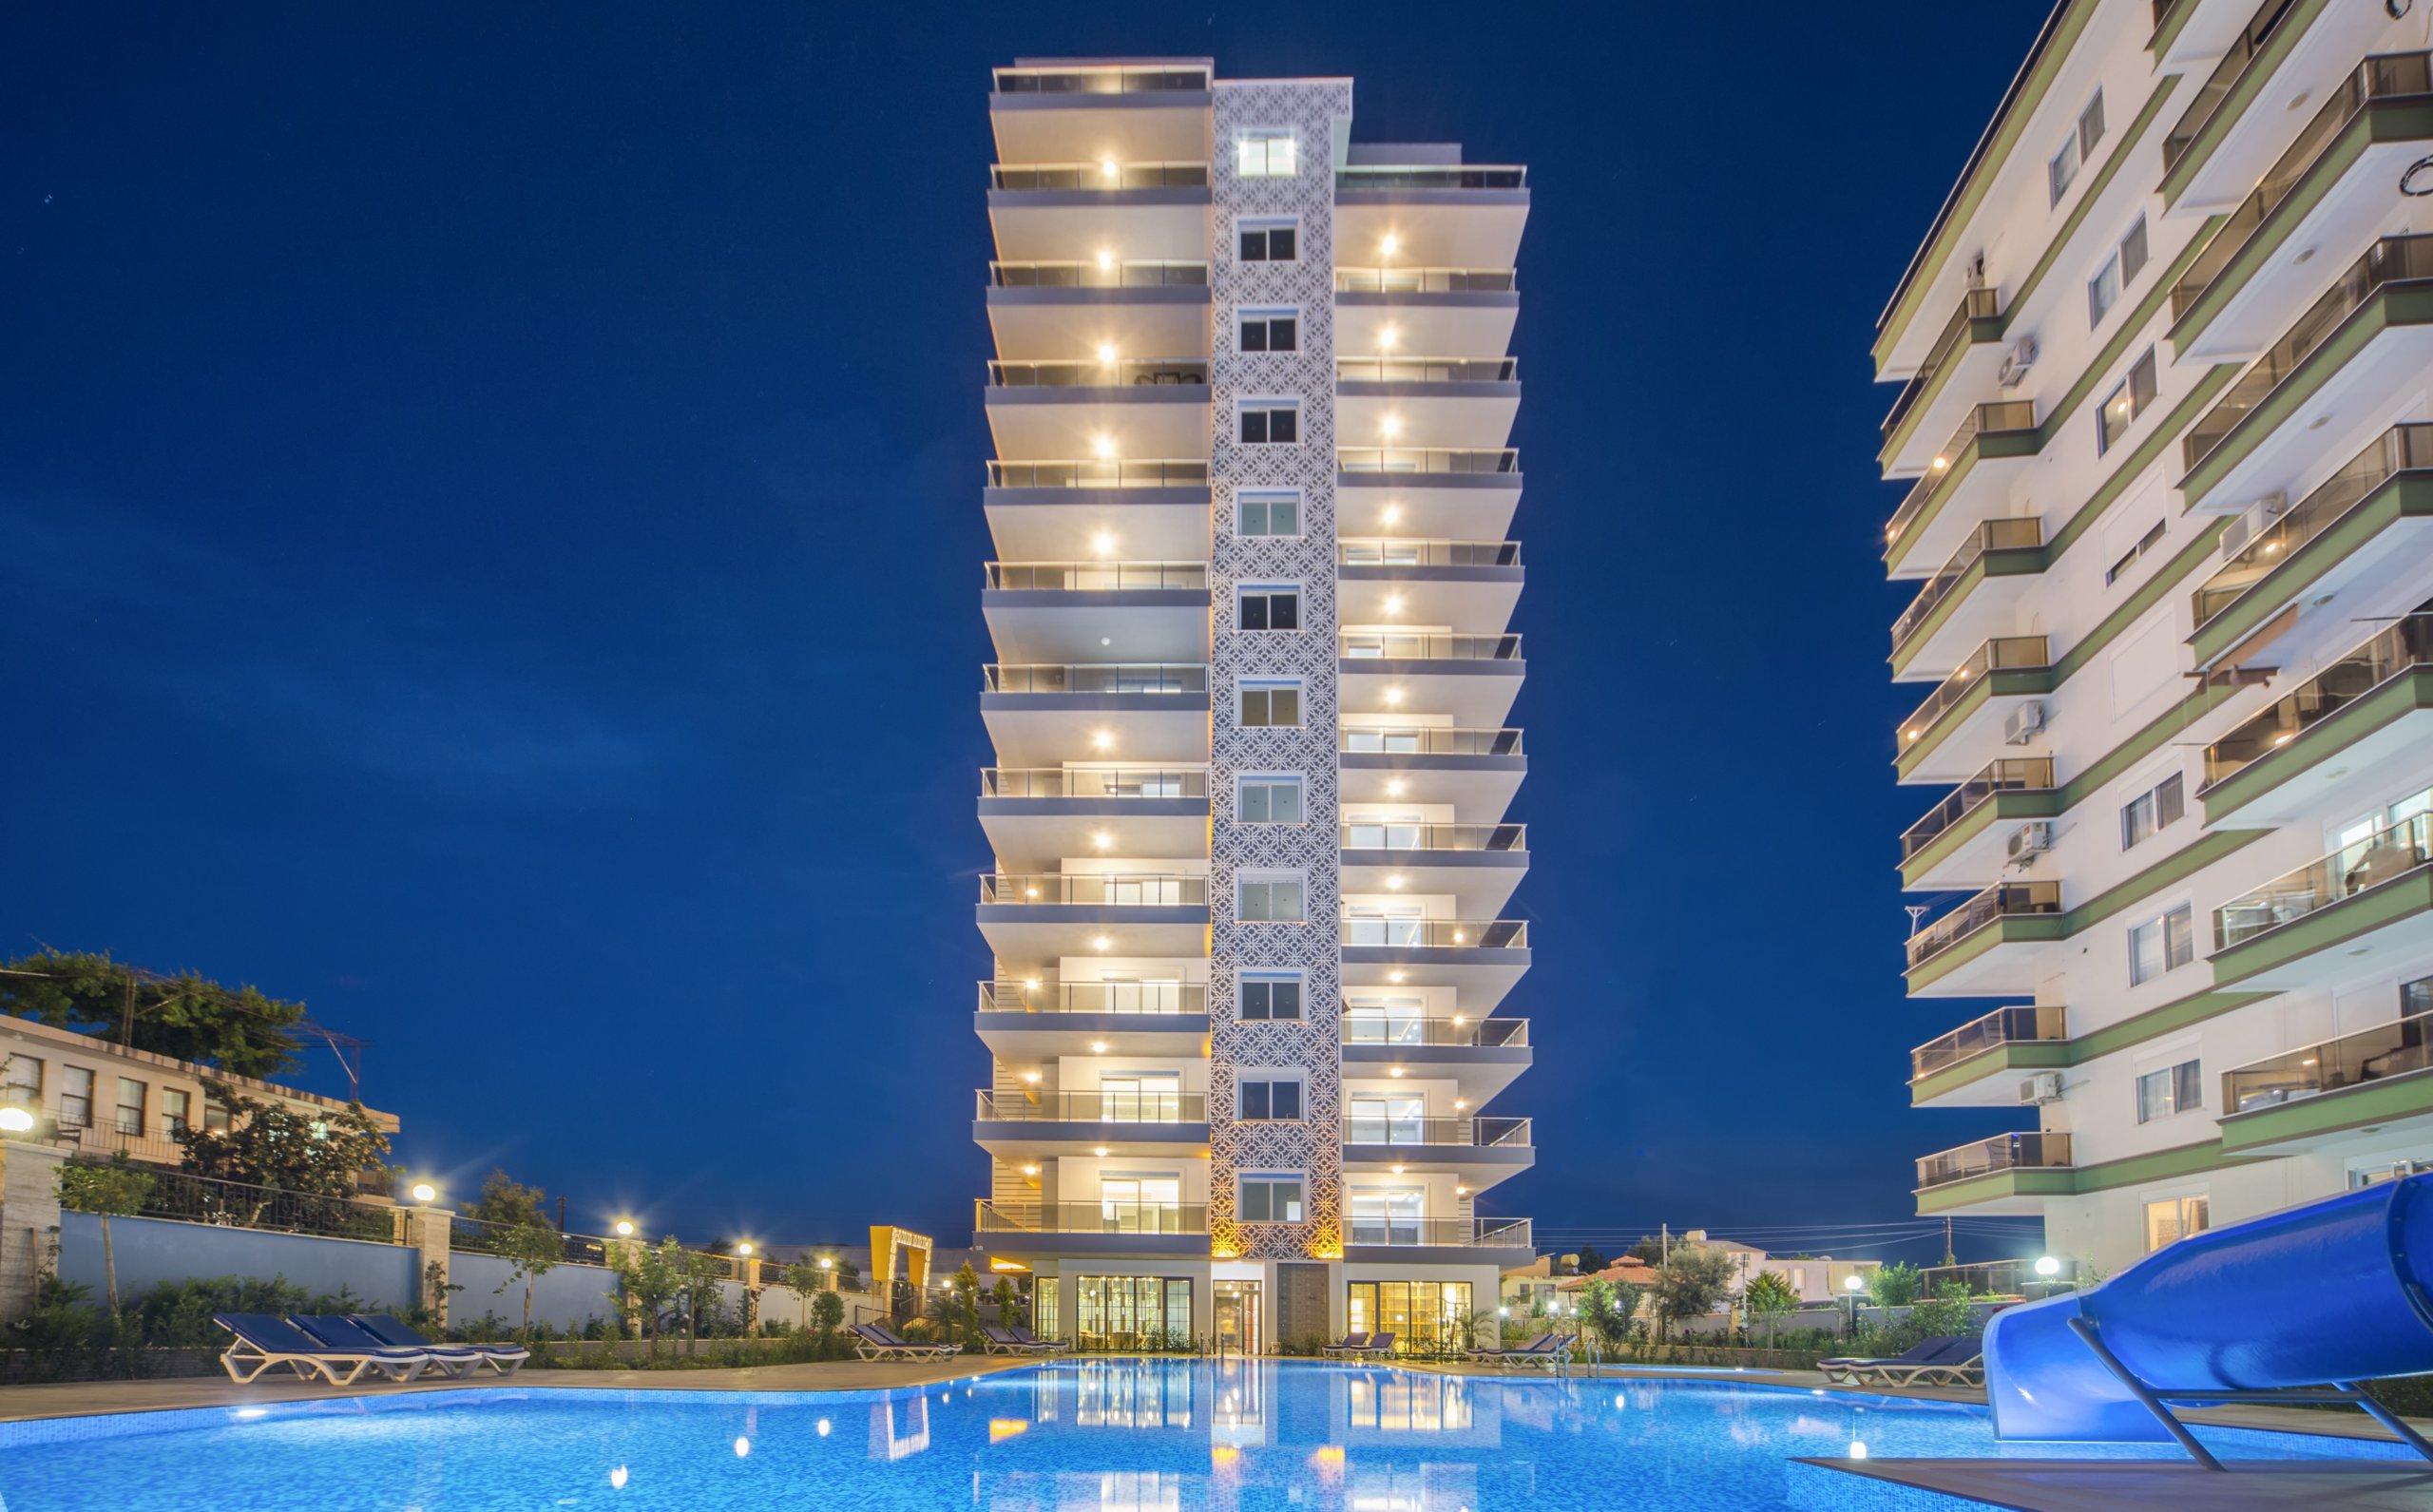 1+1 Квартира в прекрасном новом жилом комплексе